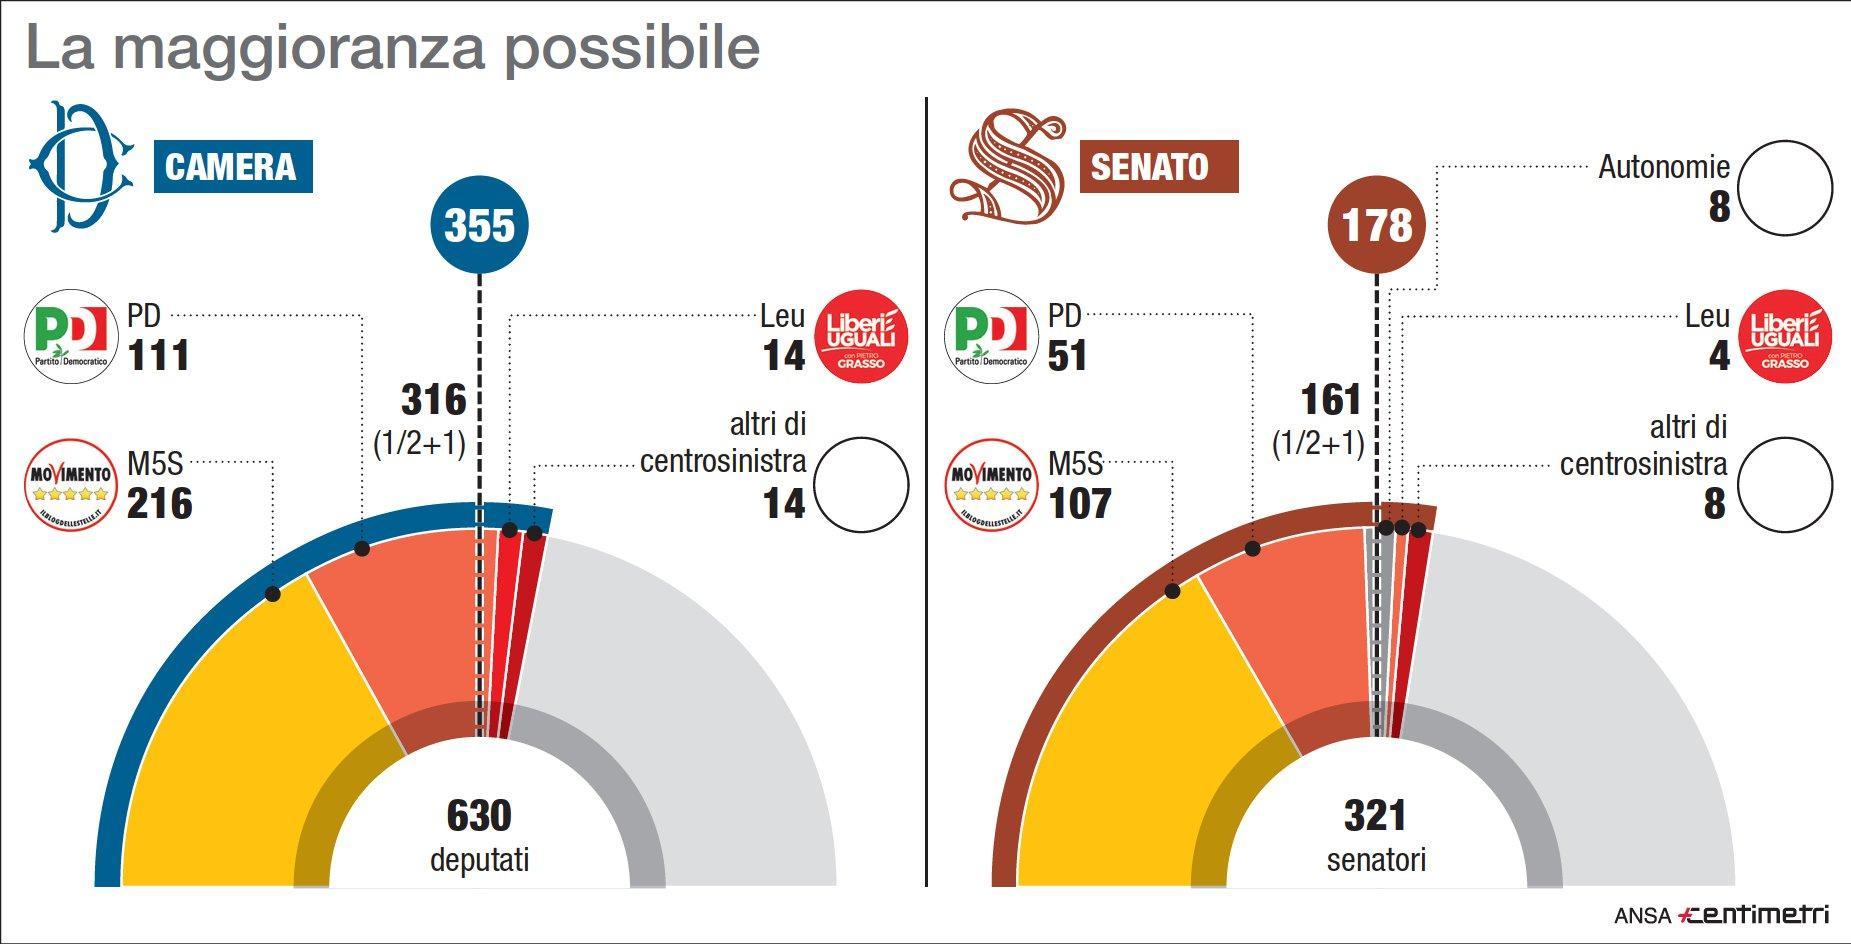 La nuova maggioranza possibile in Parlamento